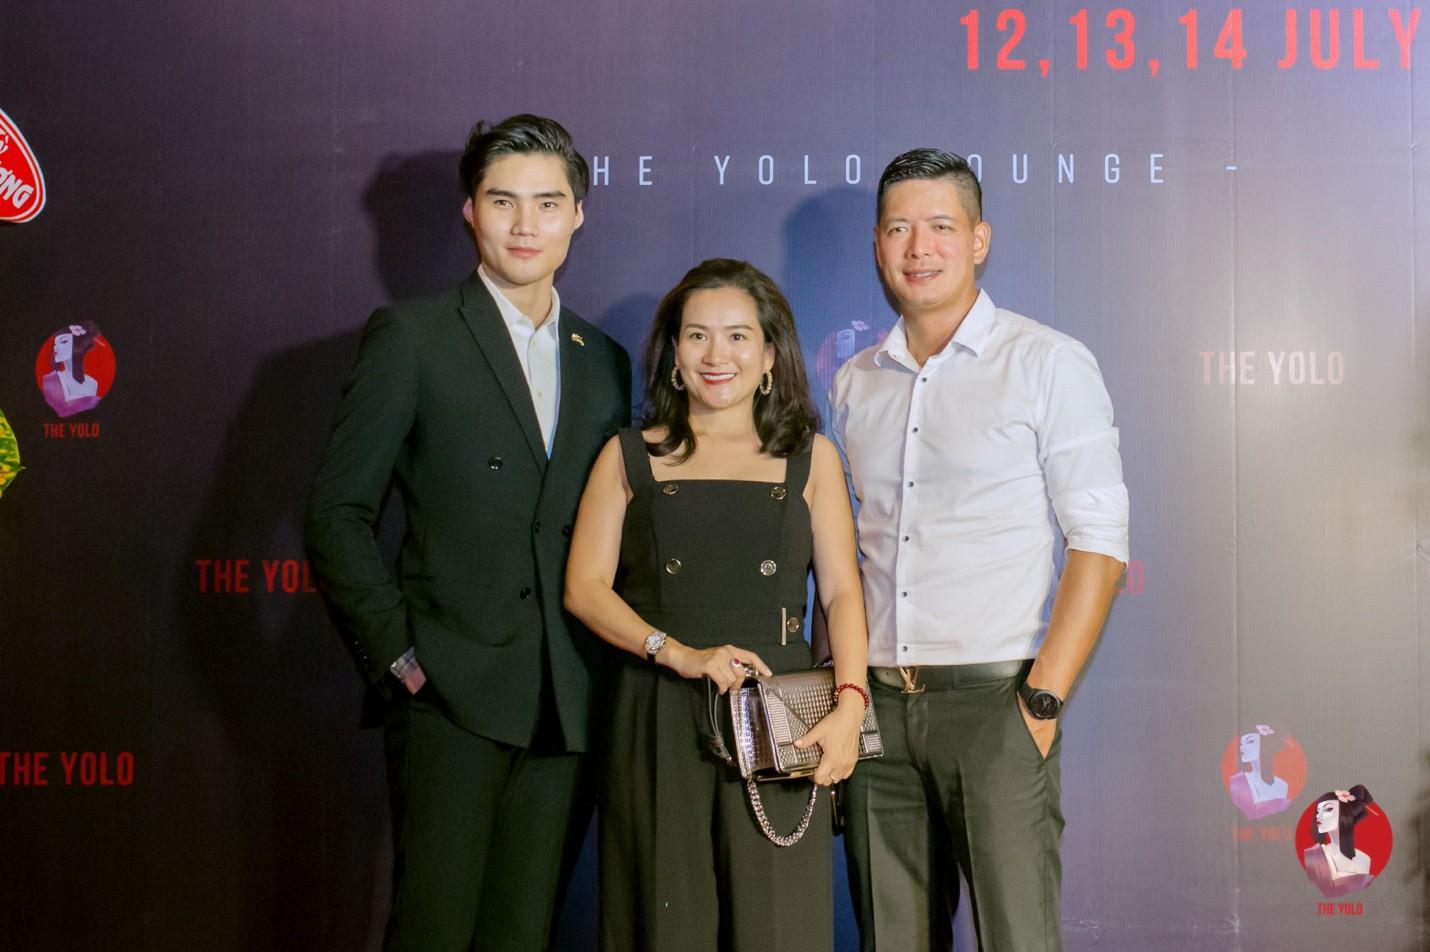 Lần đầu tiên, 2 quán quân Vietnam's Next Top Model Quang Hùng, Mâu Thủy kết hợp kinh doanh - Ảnh 4.